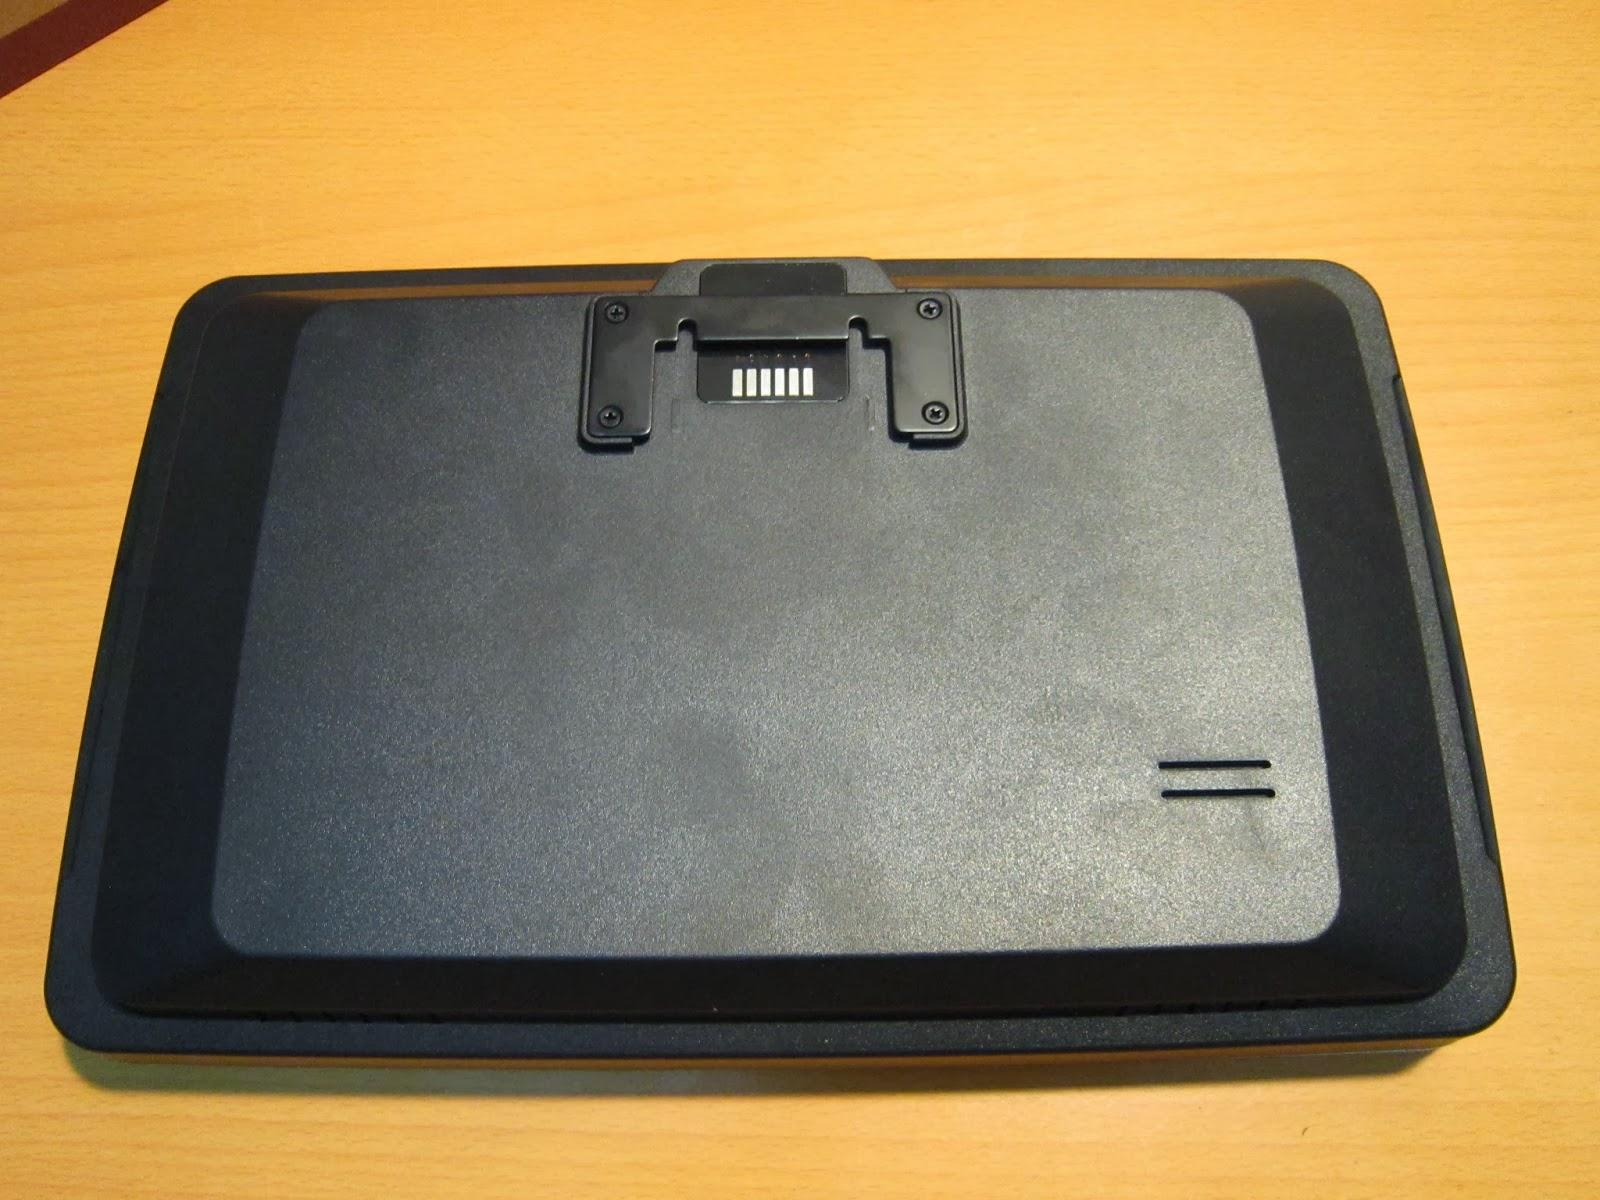 сенсорный монитор на подголовник avs1088t